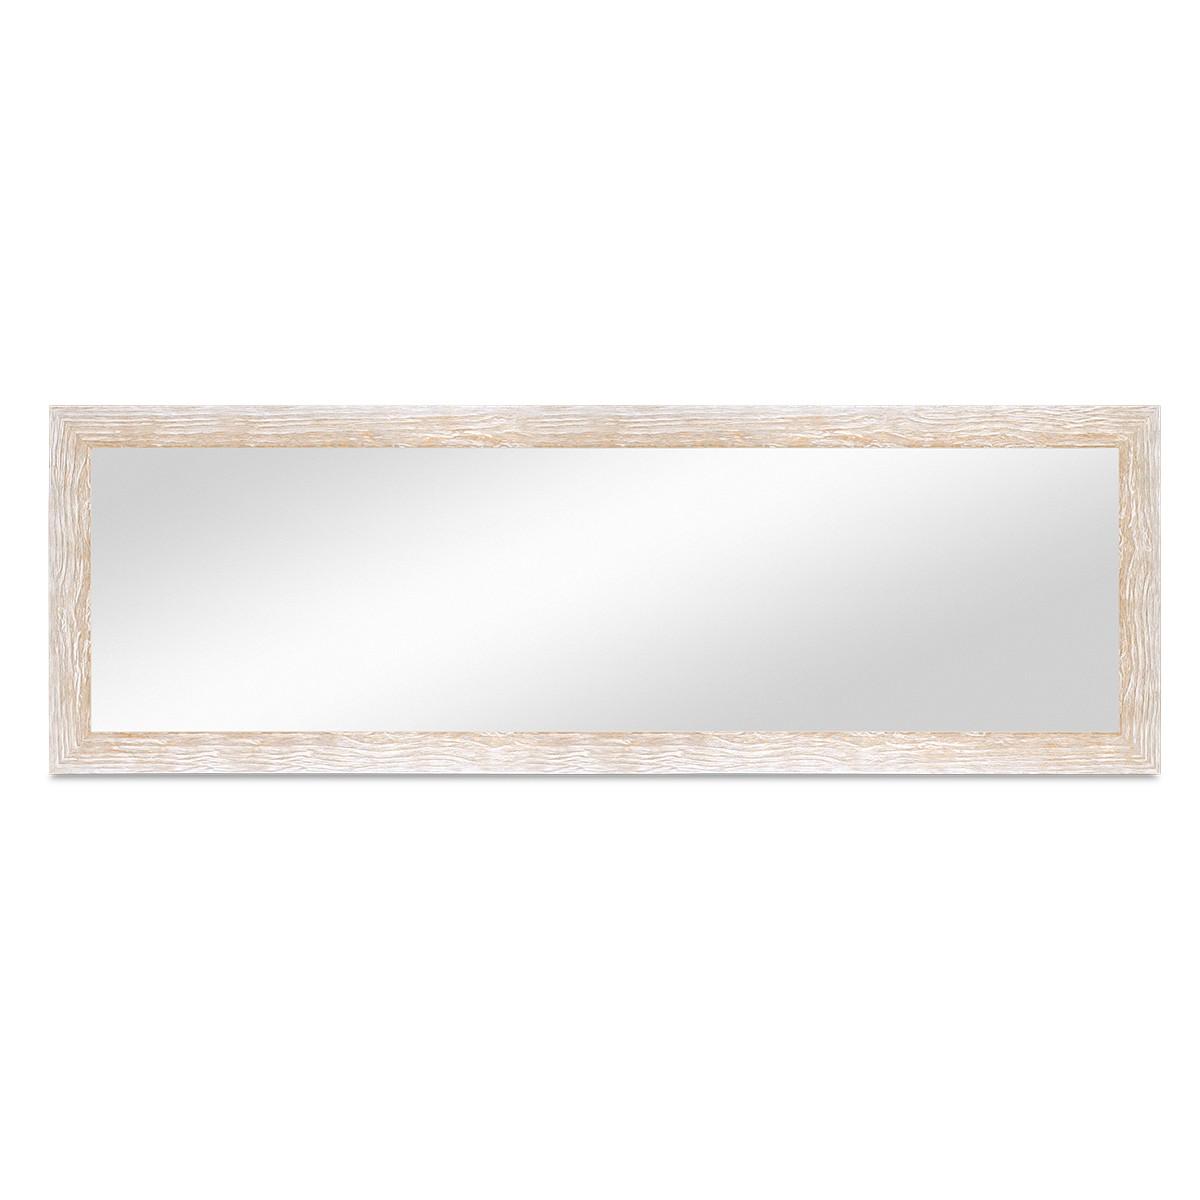 Spiegel Sonoma Eiche : wand spiegel 38x98 cm im holzrahmen sonoma eiche optik hell gekalkt modern spiegelfl che 30x90 ~ Watch28wear.com Haus und Dekorationen